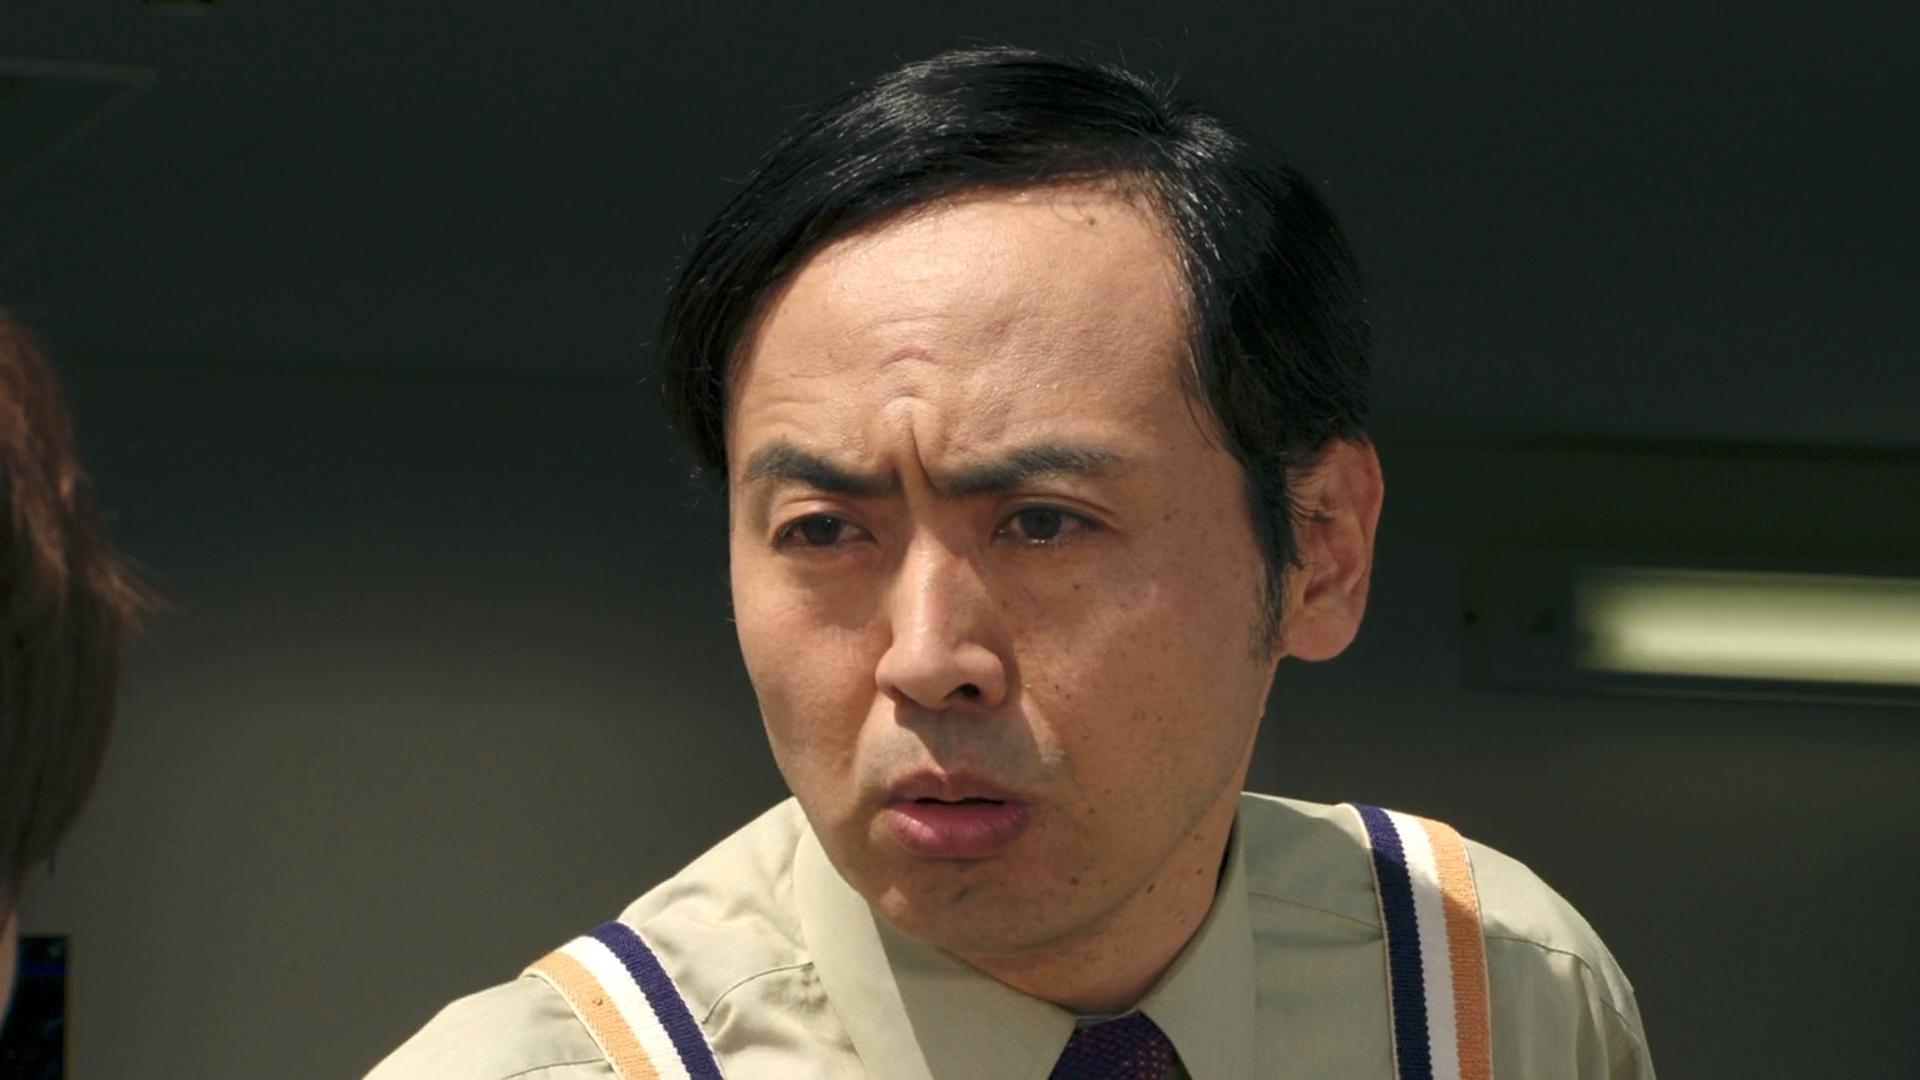 Chuta Ohsugi/Zi-O